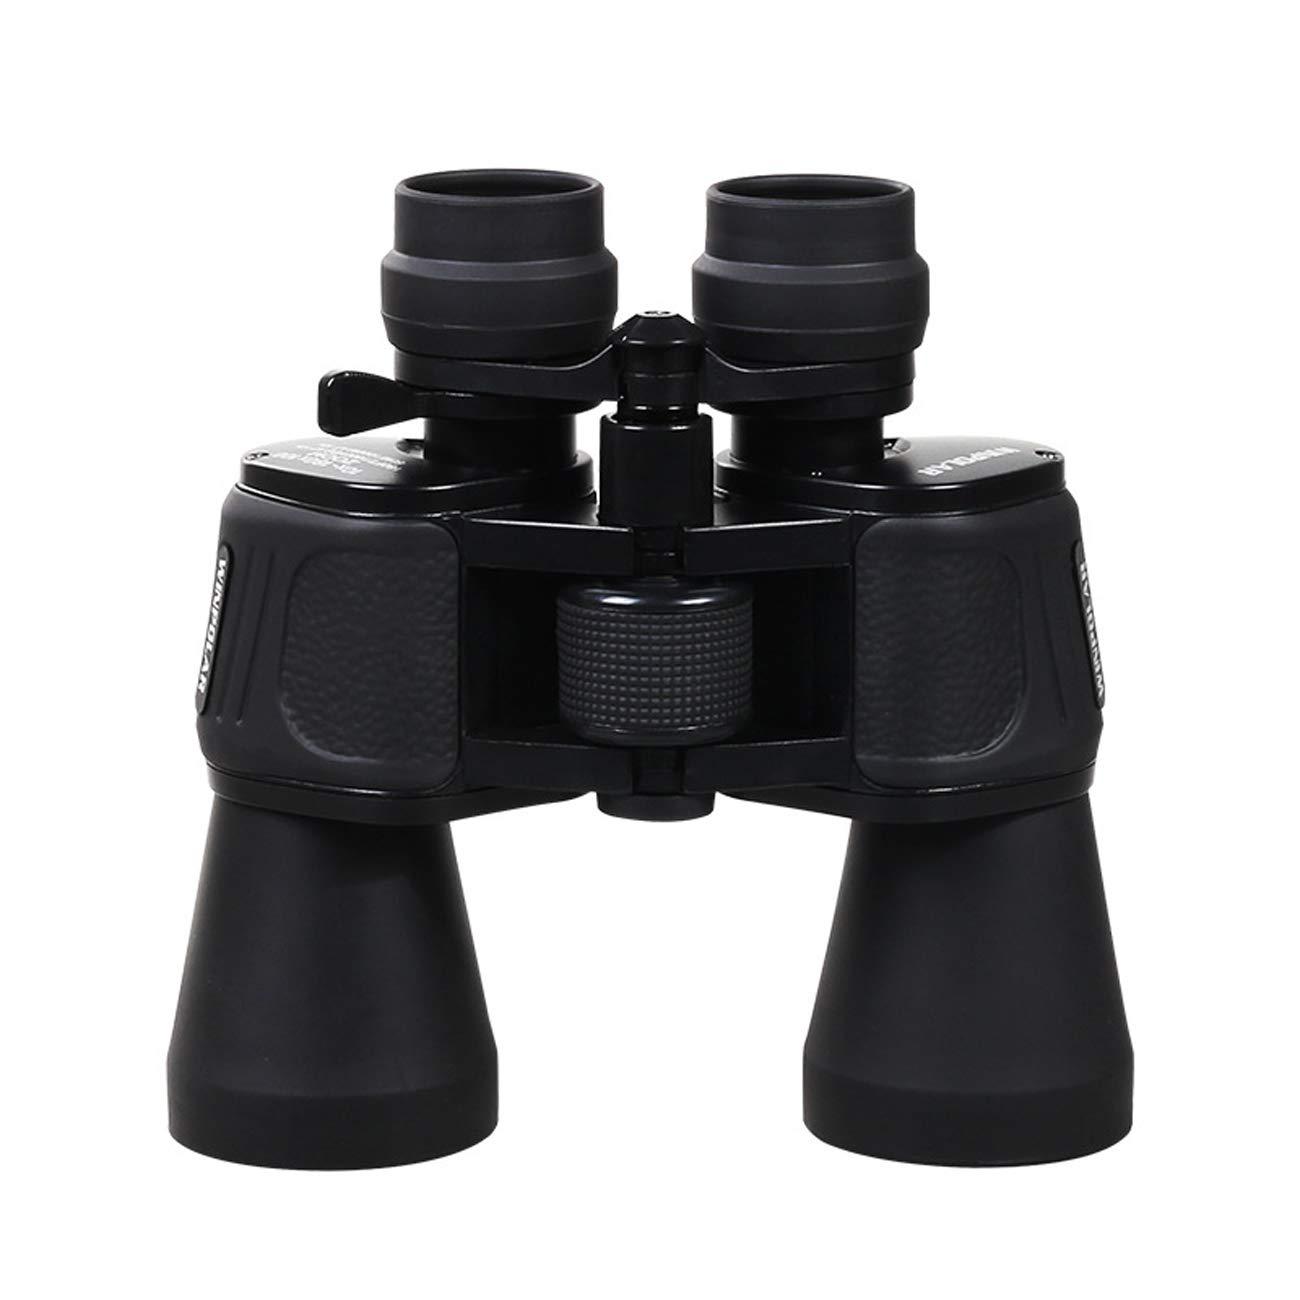 再再販! XUEXUE 双眼鏡 10x50 望遠鏡 屋外 XUEXUE 望遠鏡 HD 双眼鏡 10x50 防水 屋外 キャンプ スポーツ アウトドア コンサート サファリ 旅行 狩猟 監視 B07JD4GRBM, 日本最大の:226c7b00 --- a0267596.xsph.ru